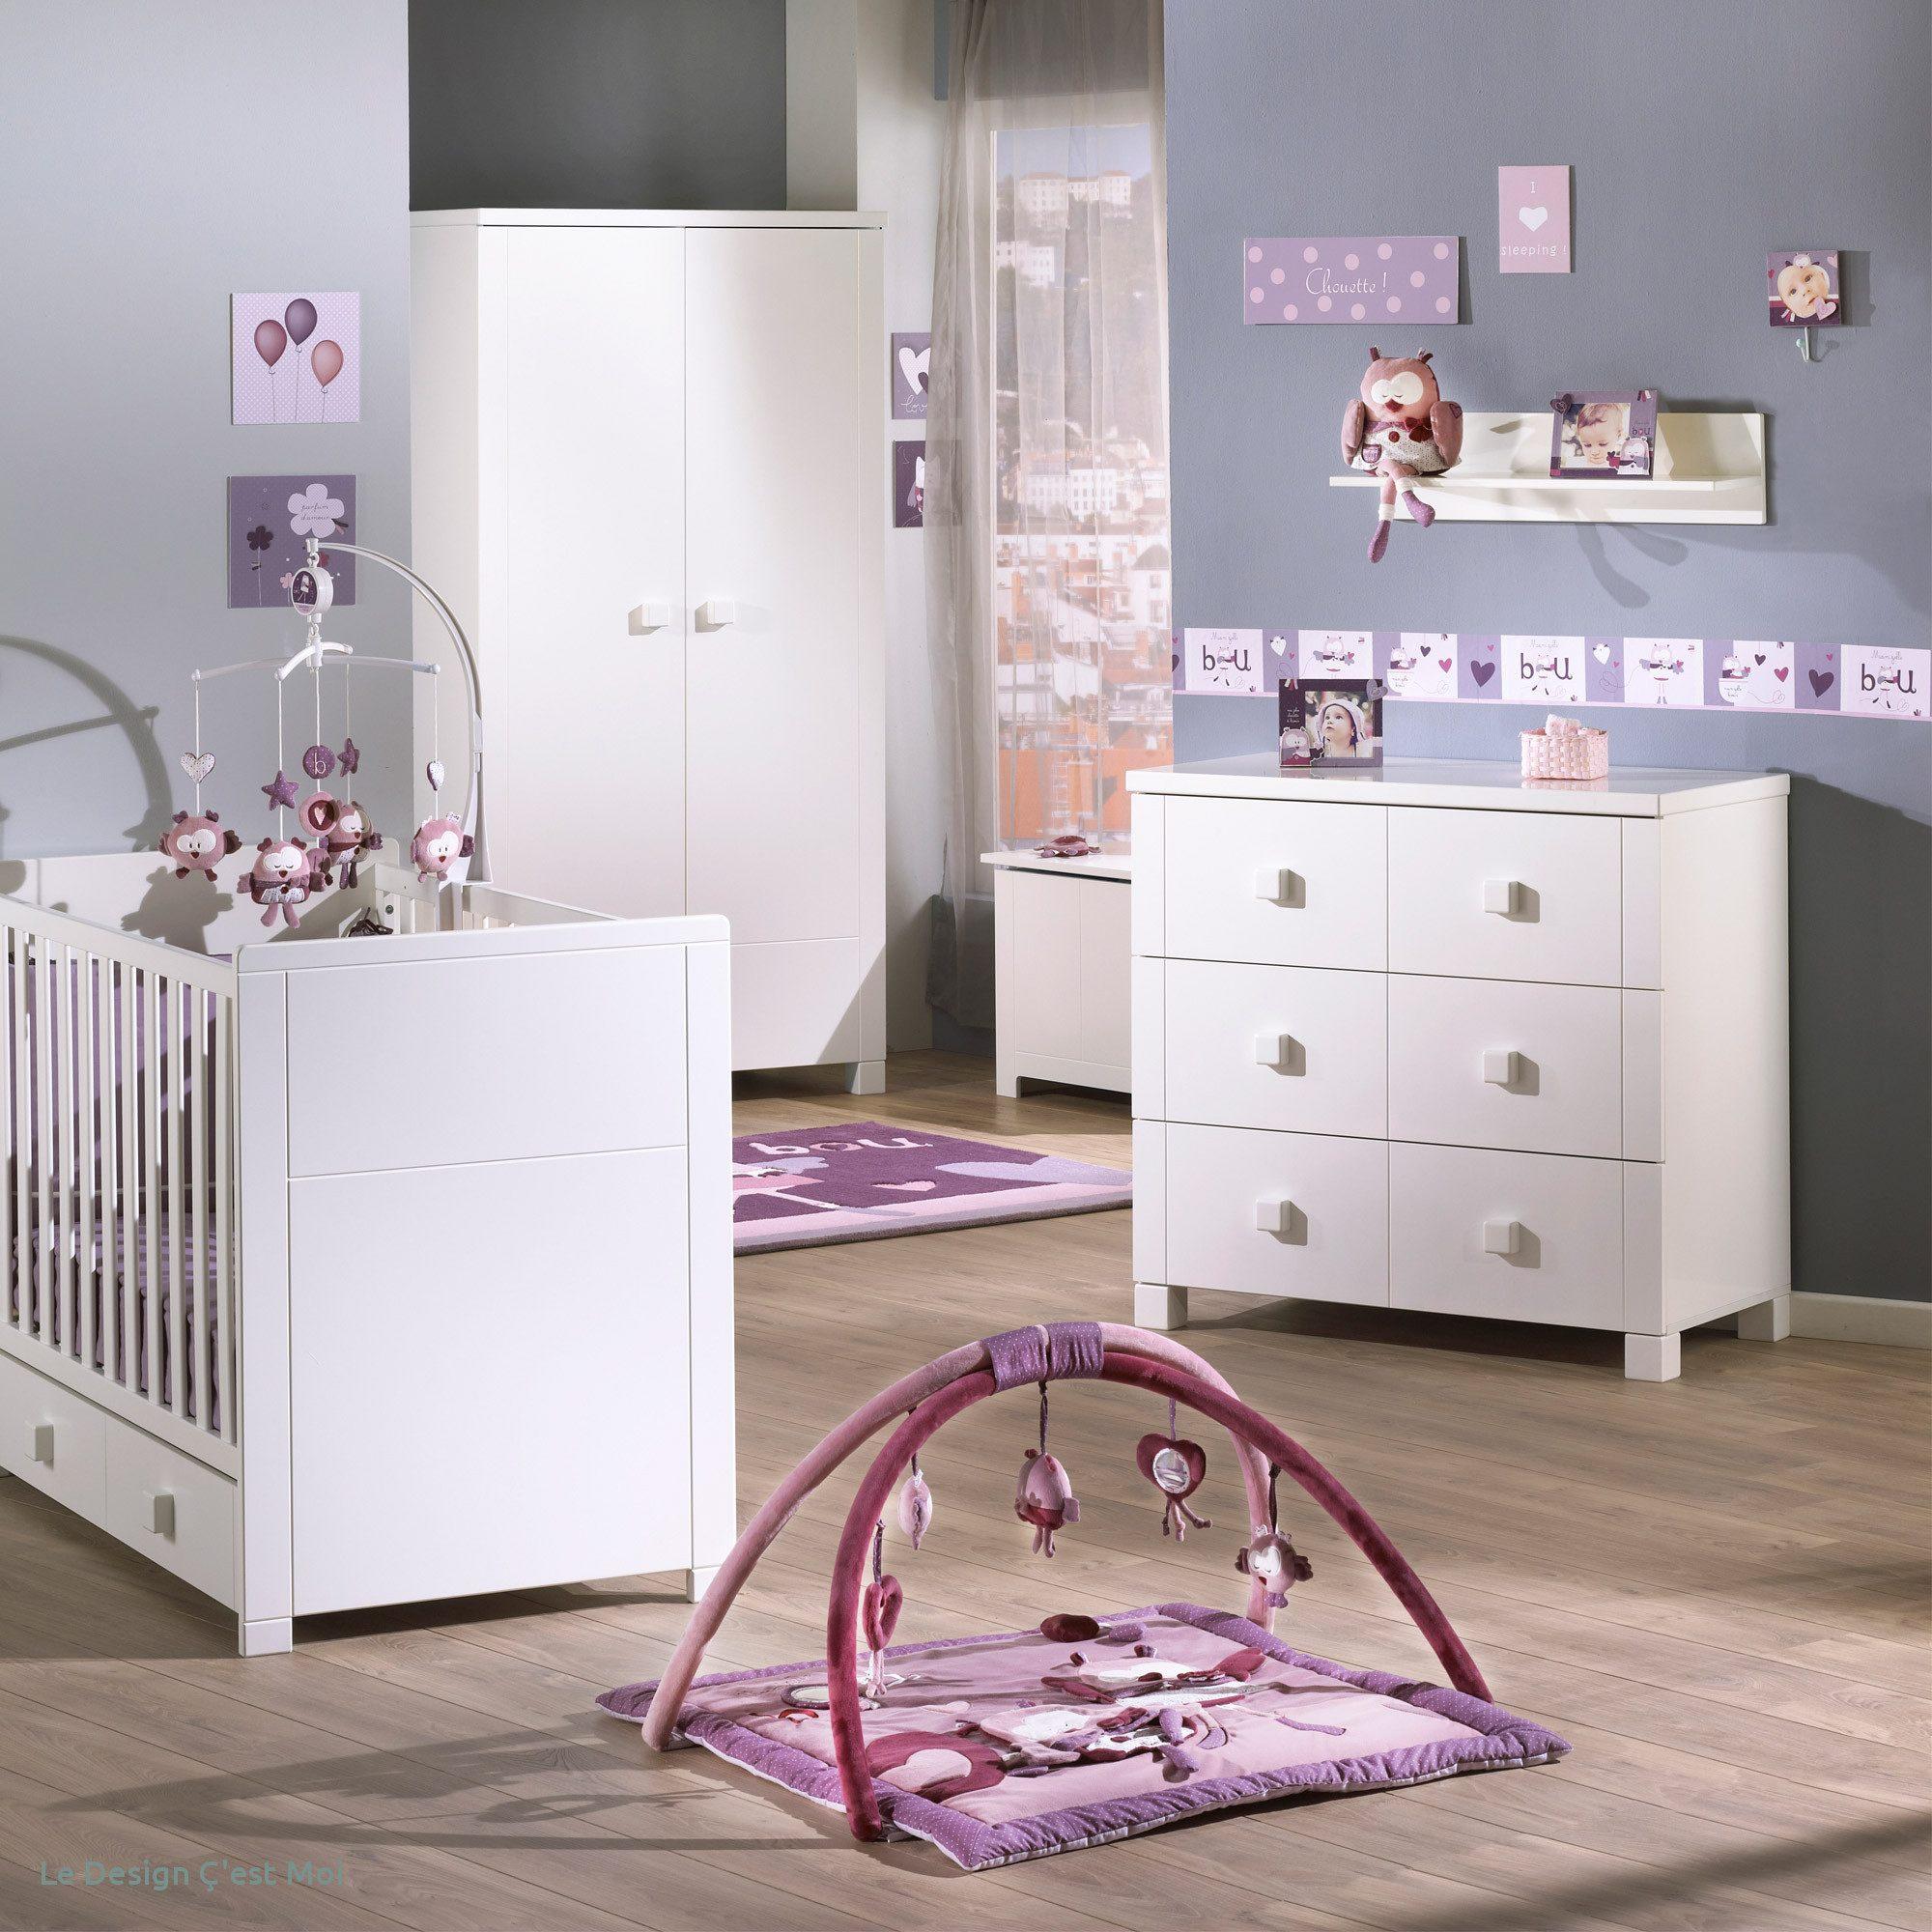 Lit Cocon Bébé Charmant La Plus De Dément Idée Vis  Vis Exemple Chambre Bébé – Le Design ‡